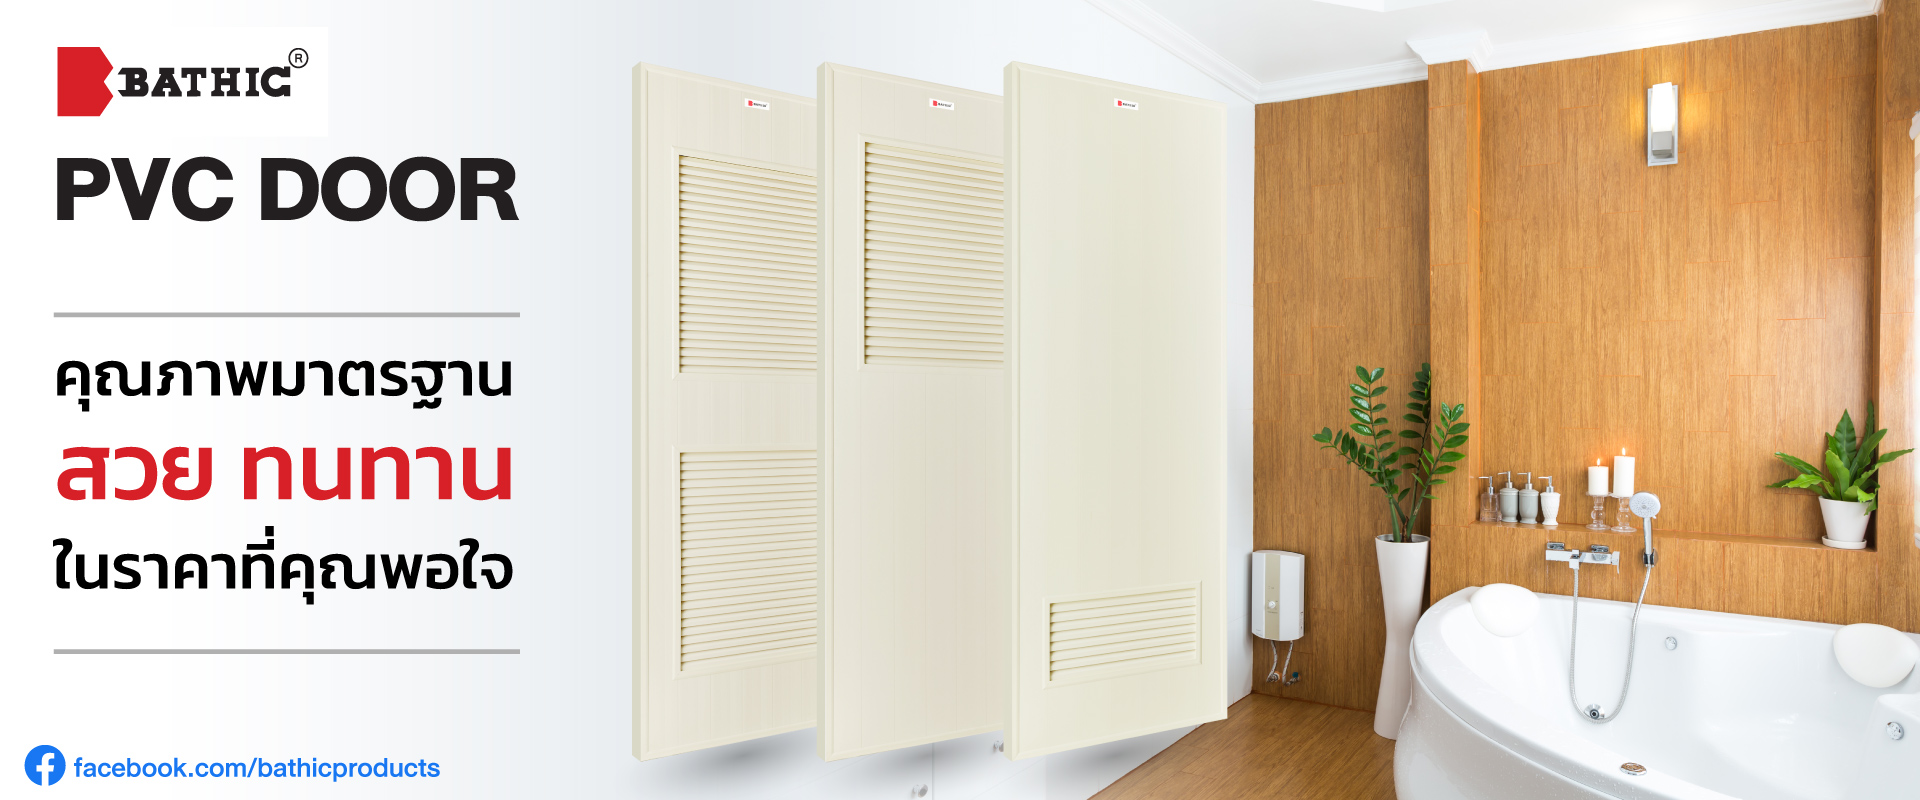 PVC-Banner-D-1920x800